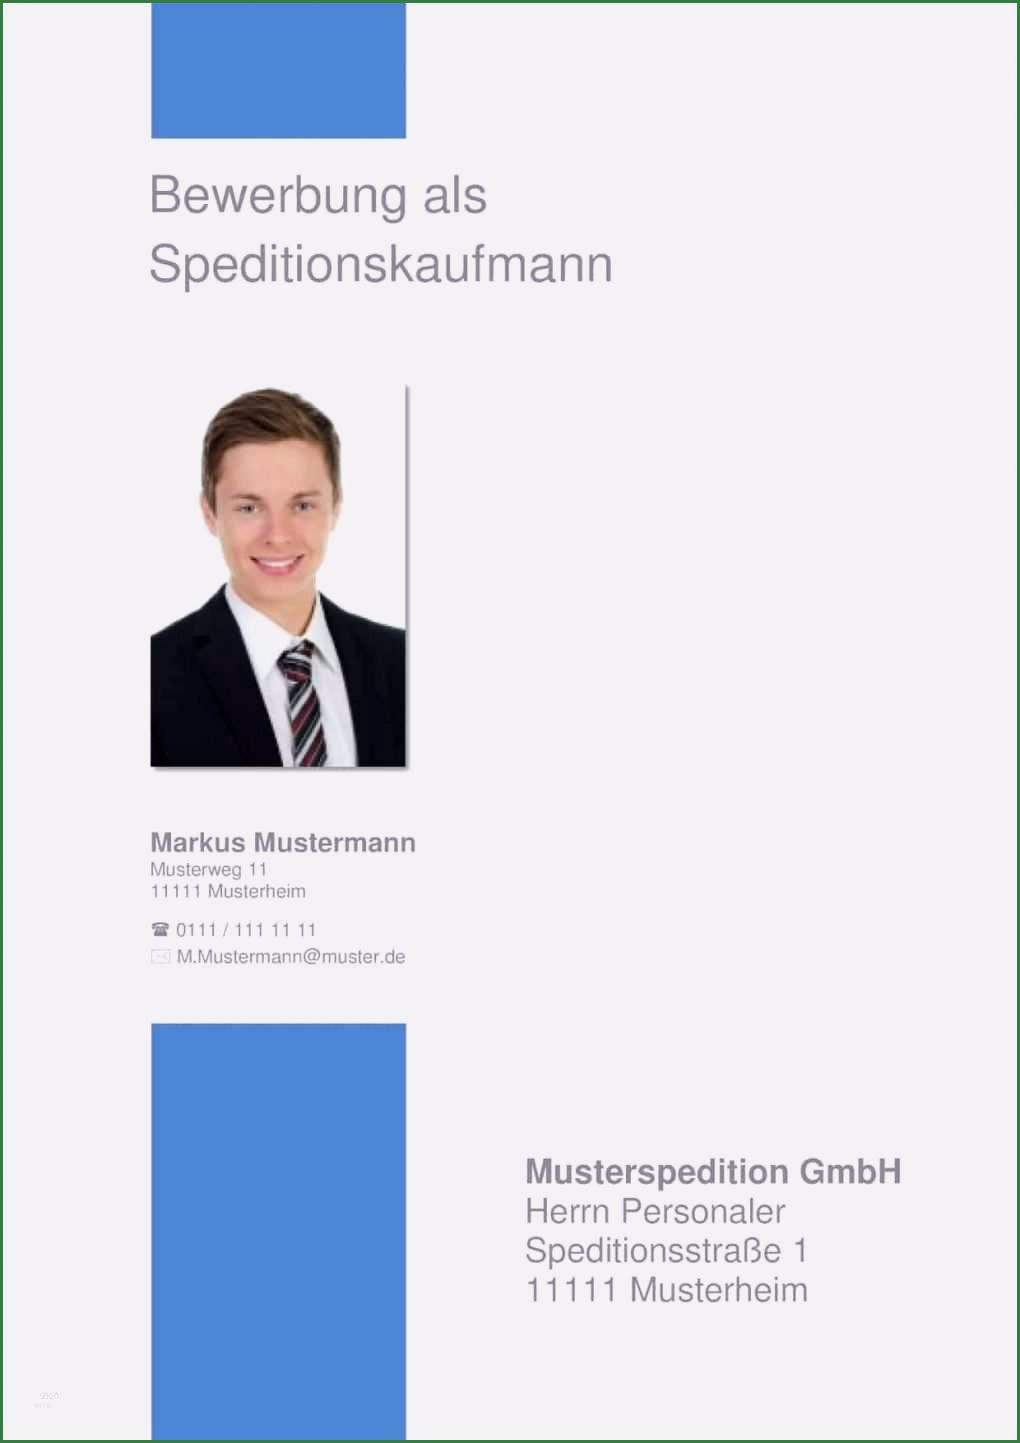 Deckblatt Fur Die Bewerbung Muster Und Vorlagen 2020 9